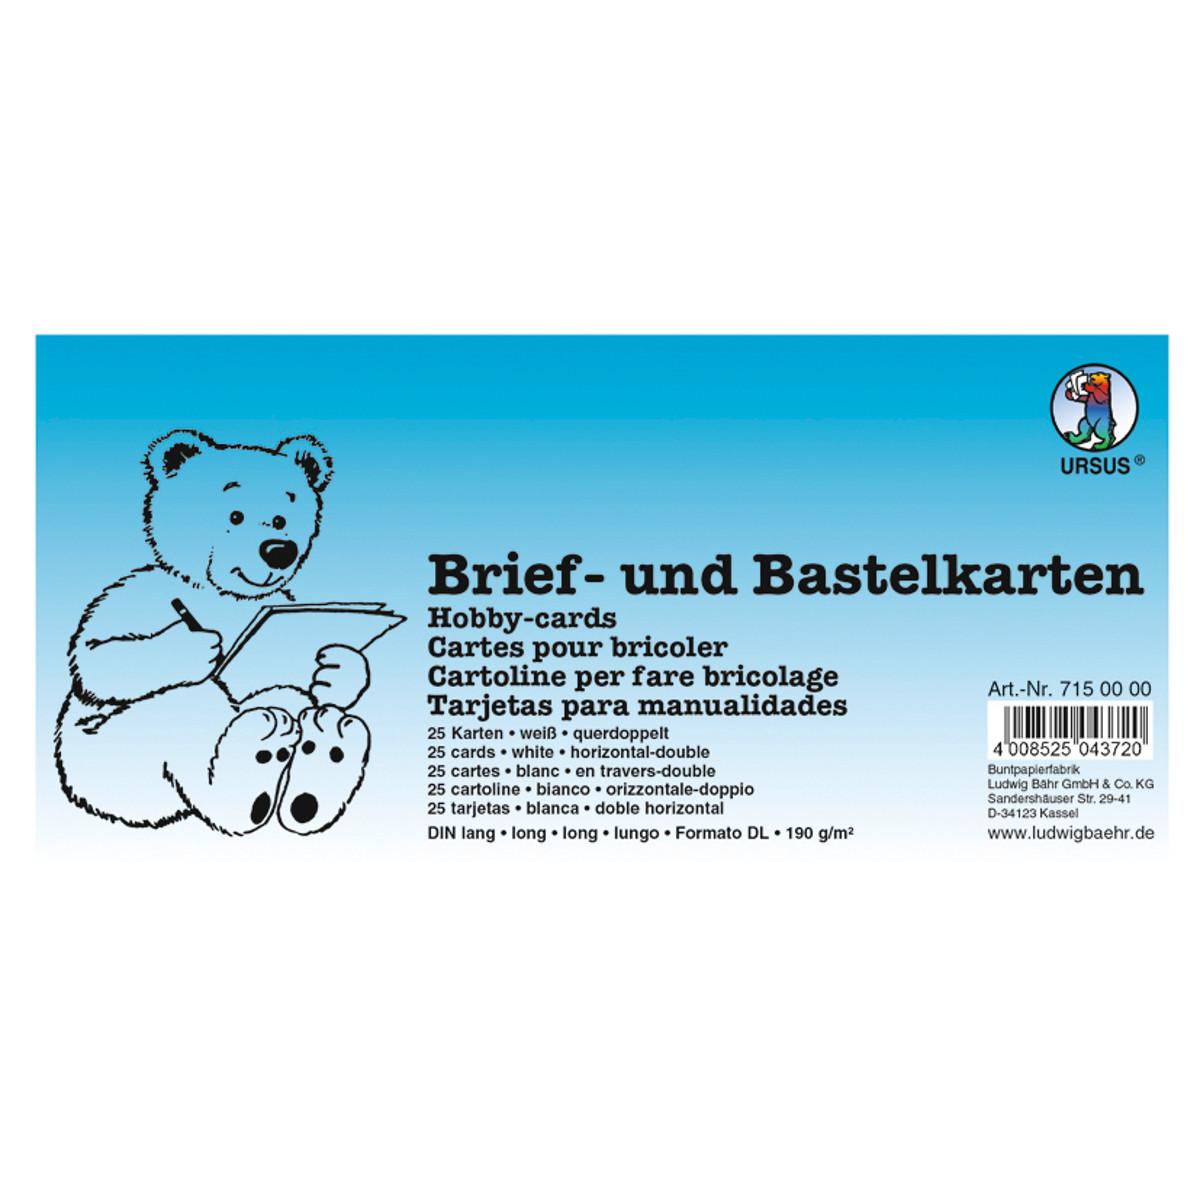 Brief- und Bastelkarten DIN lang querdoppelt weiß - 100 Karten